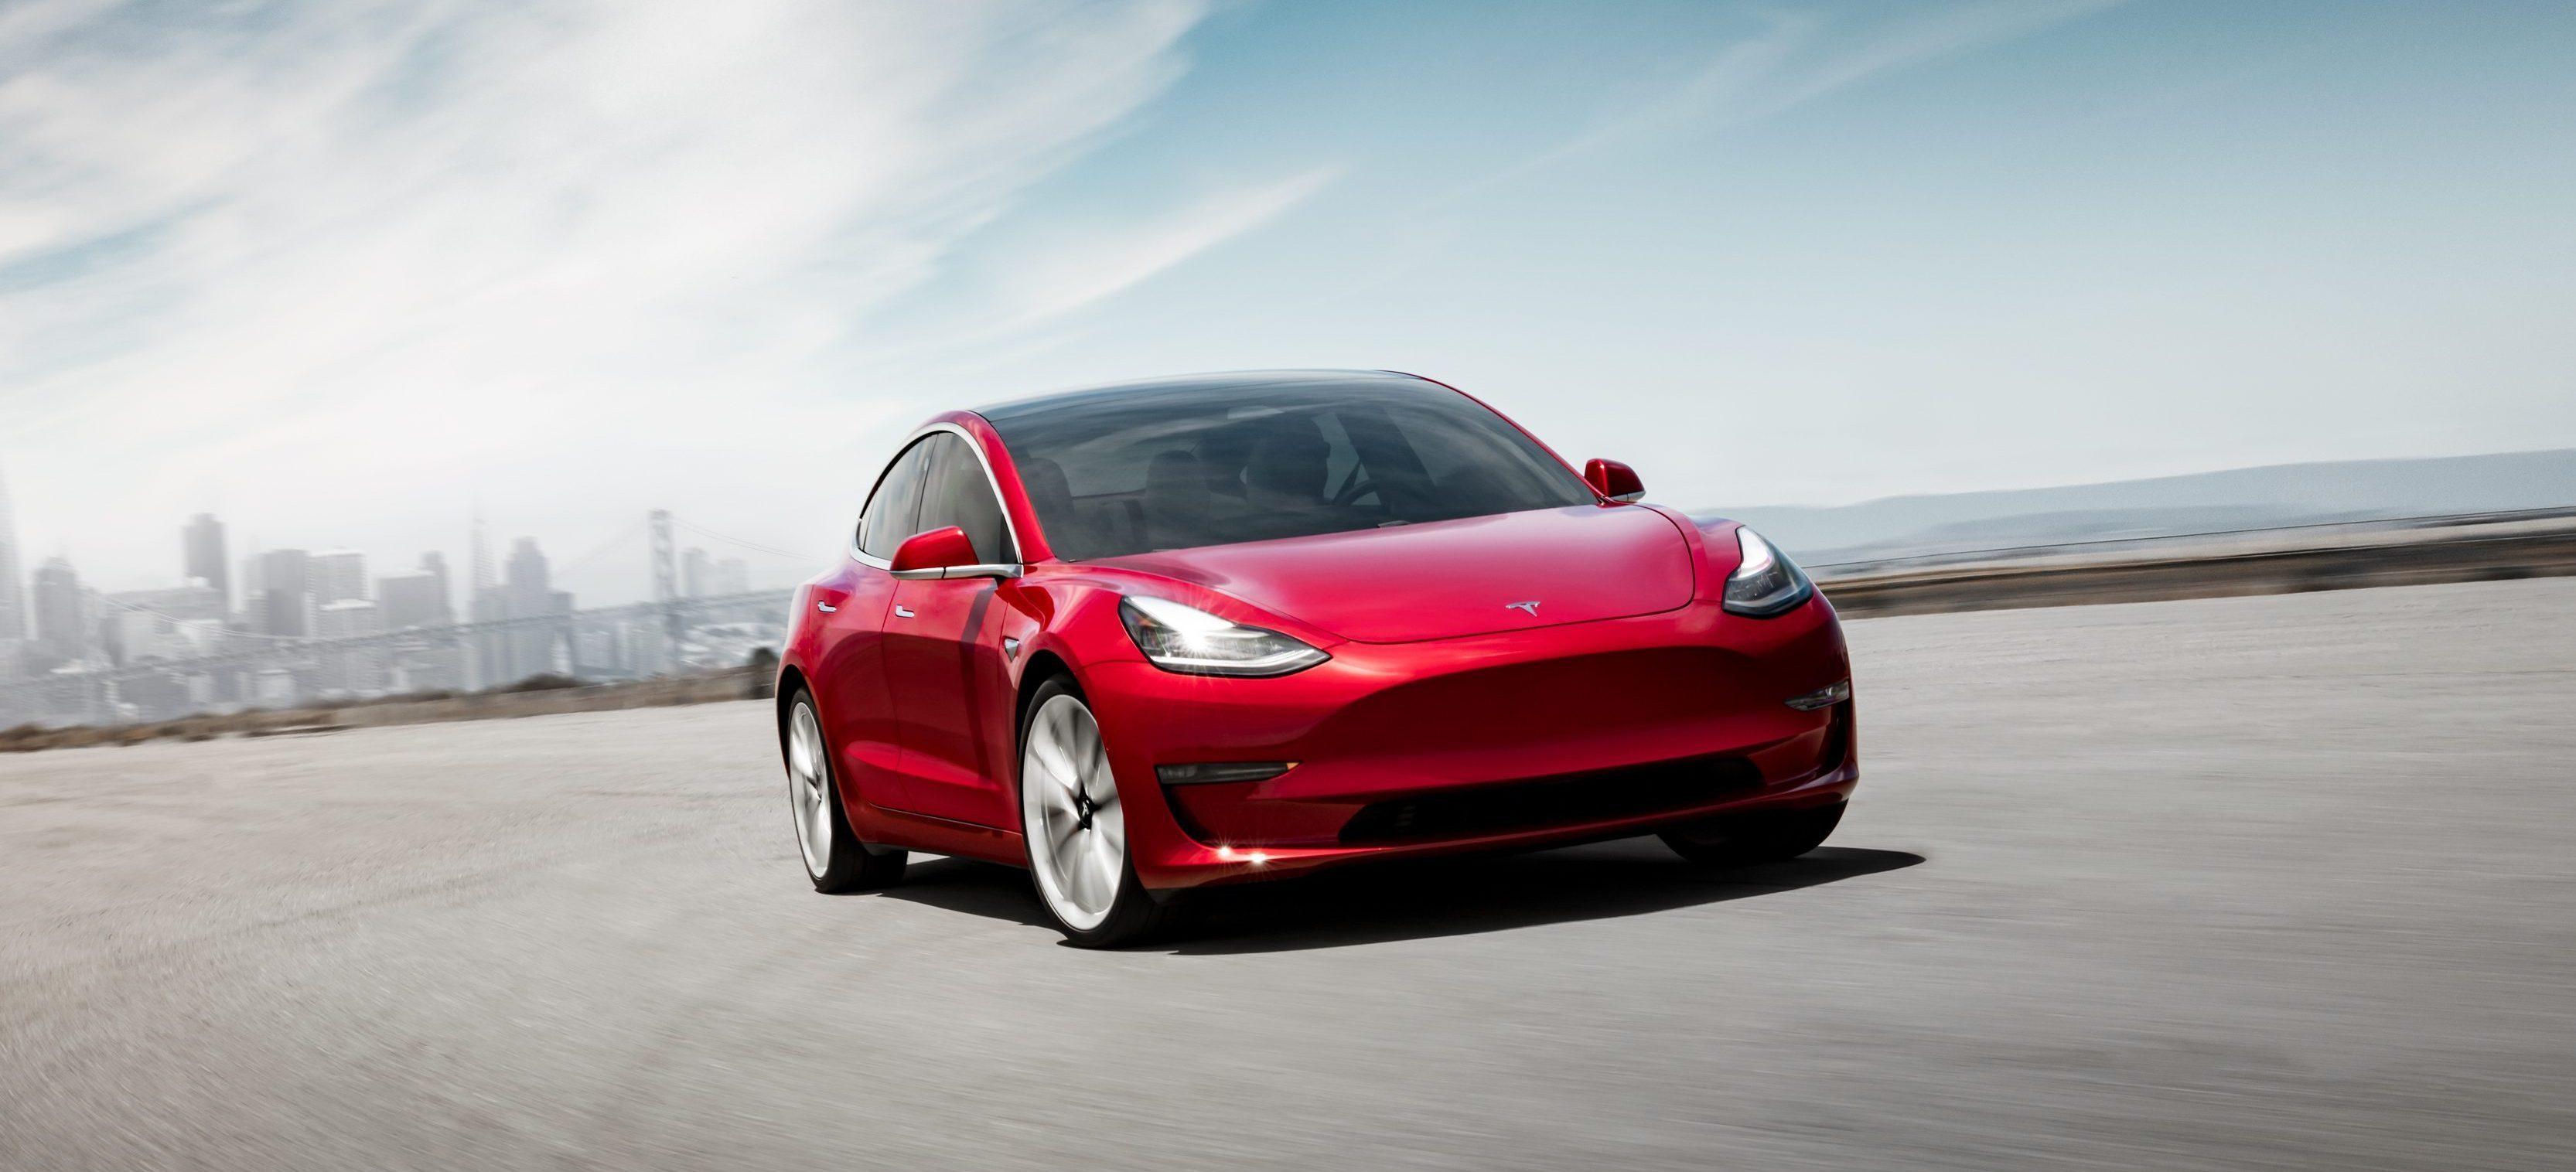 Her kan du kjøpe en Tesla Model 3 med 150 kilometers rekkevidde